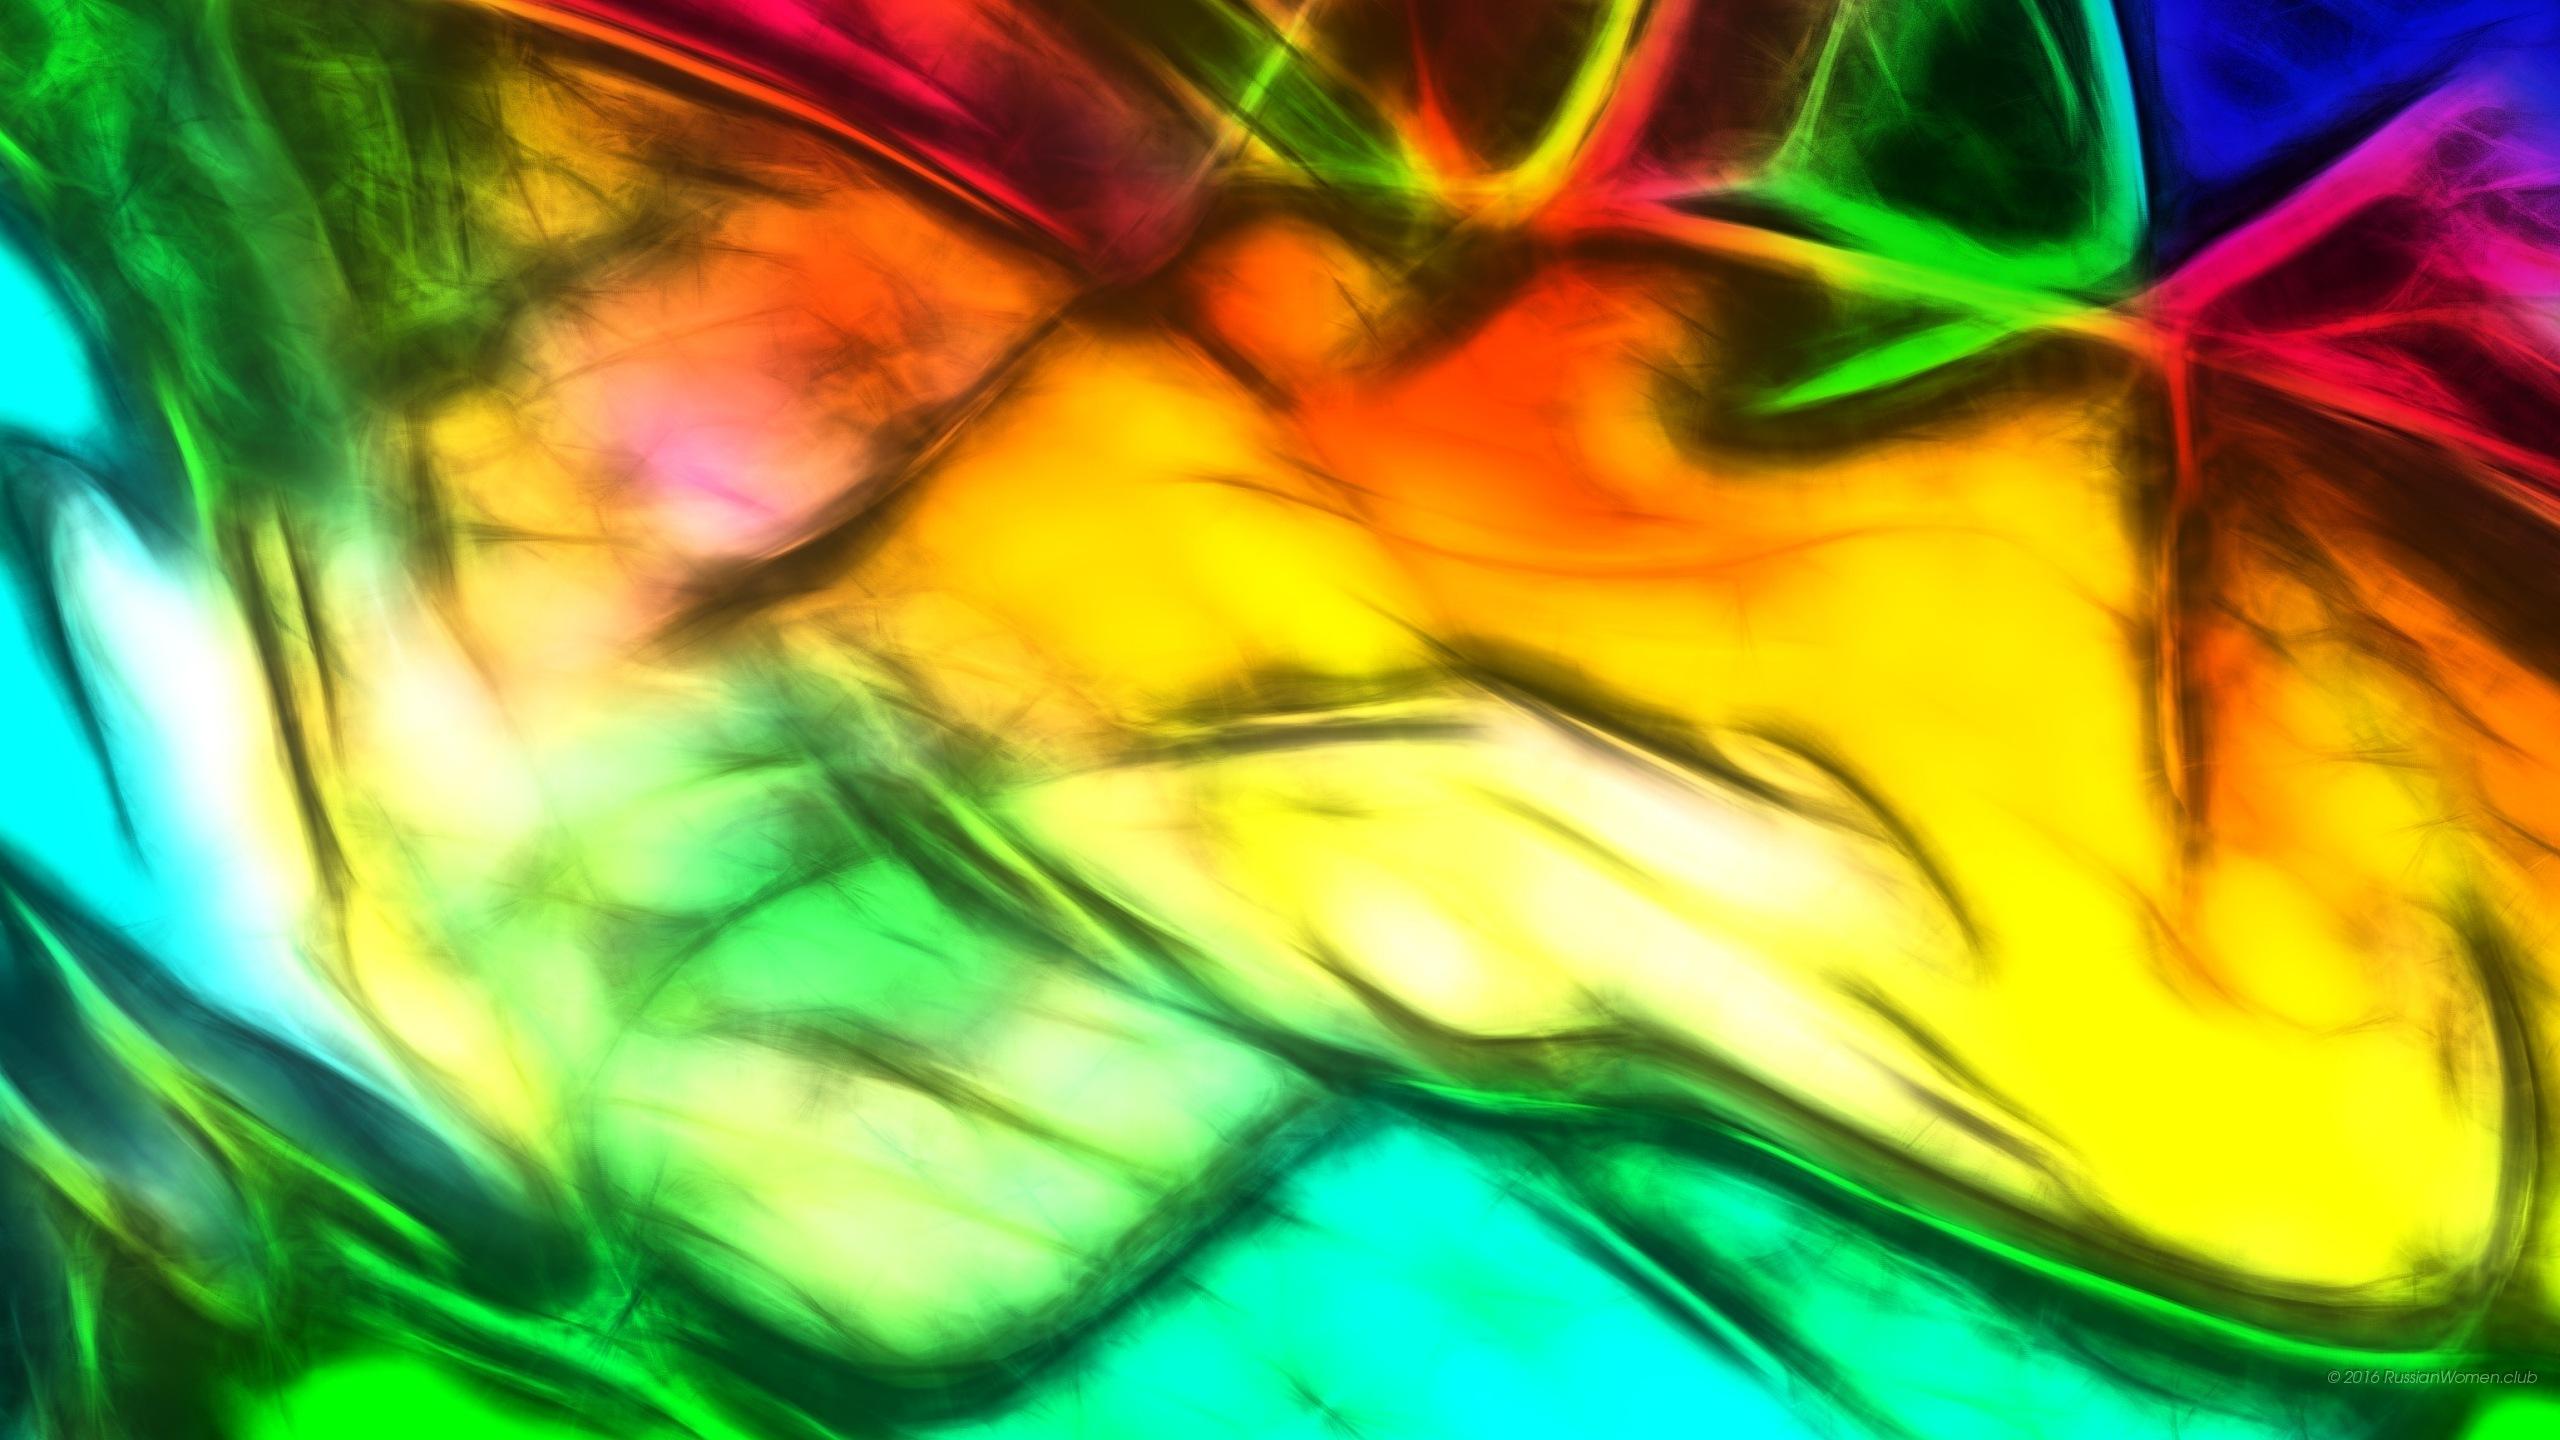 Sfondo colori astratti sfondi hd gratis for Sfondi hd gratis